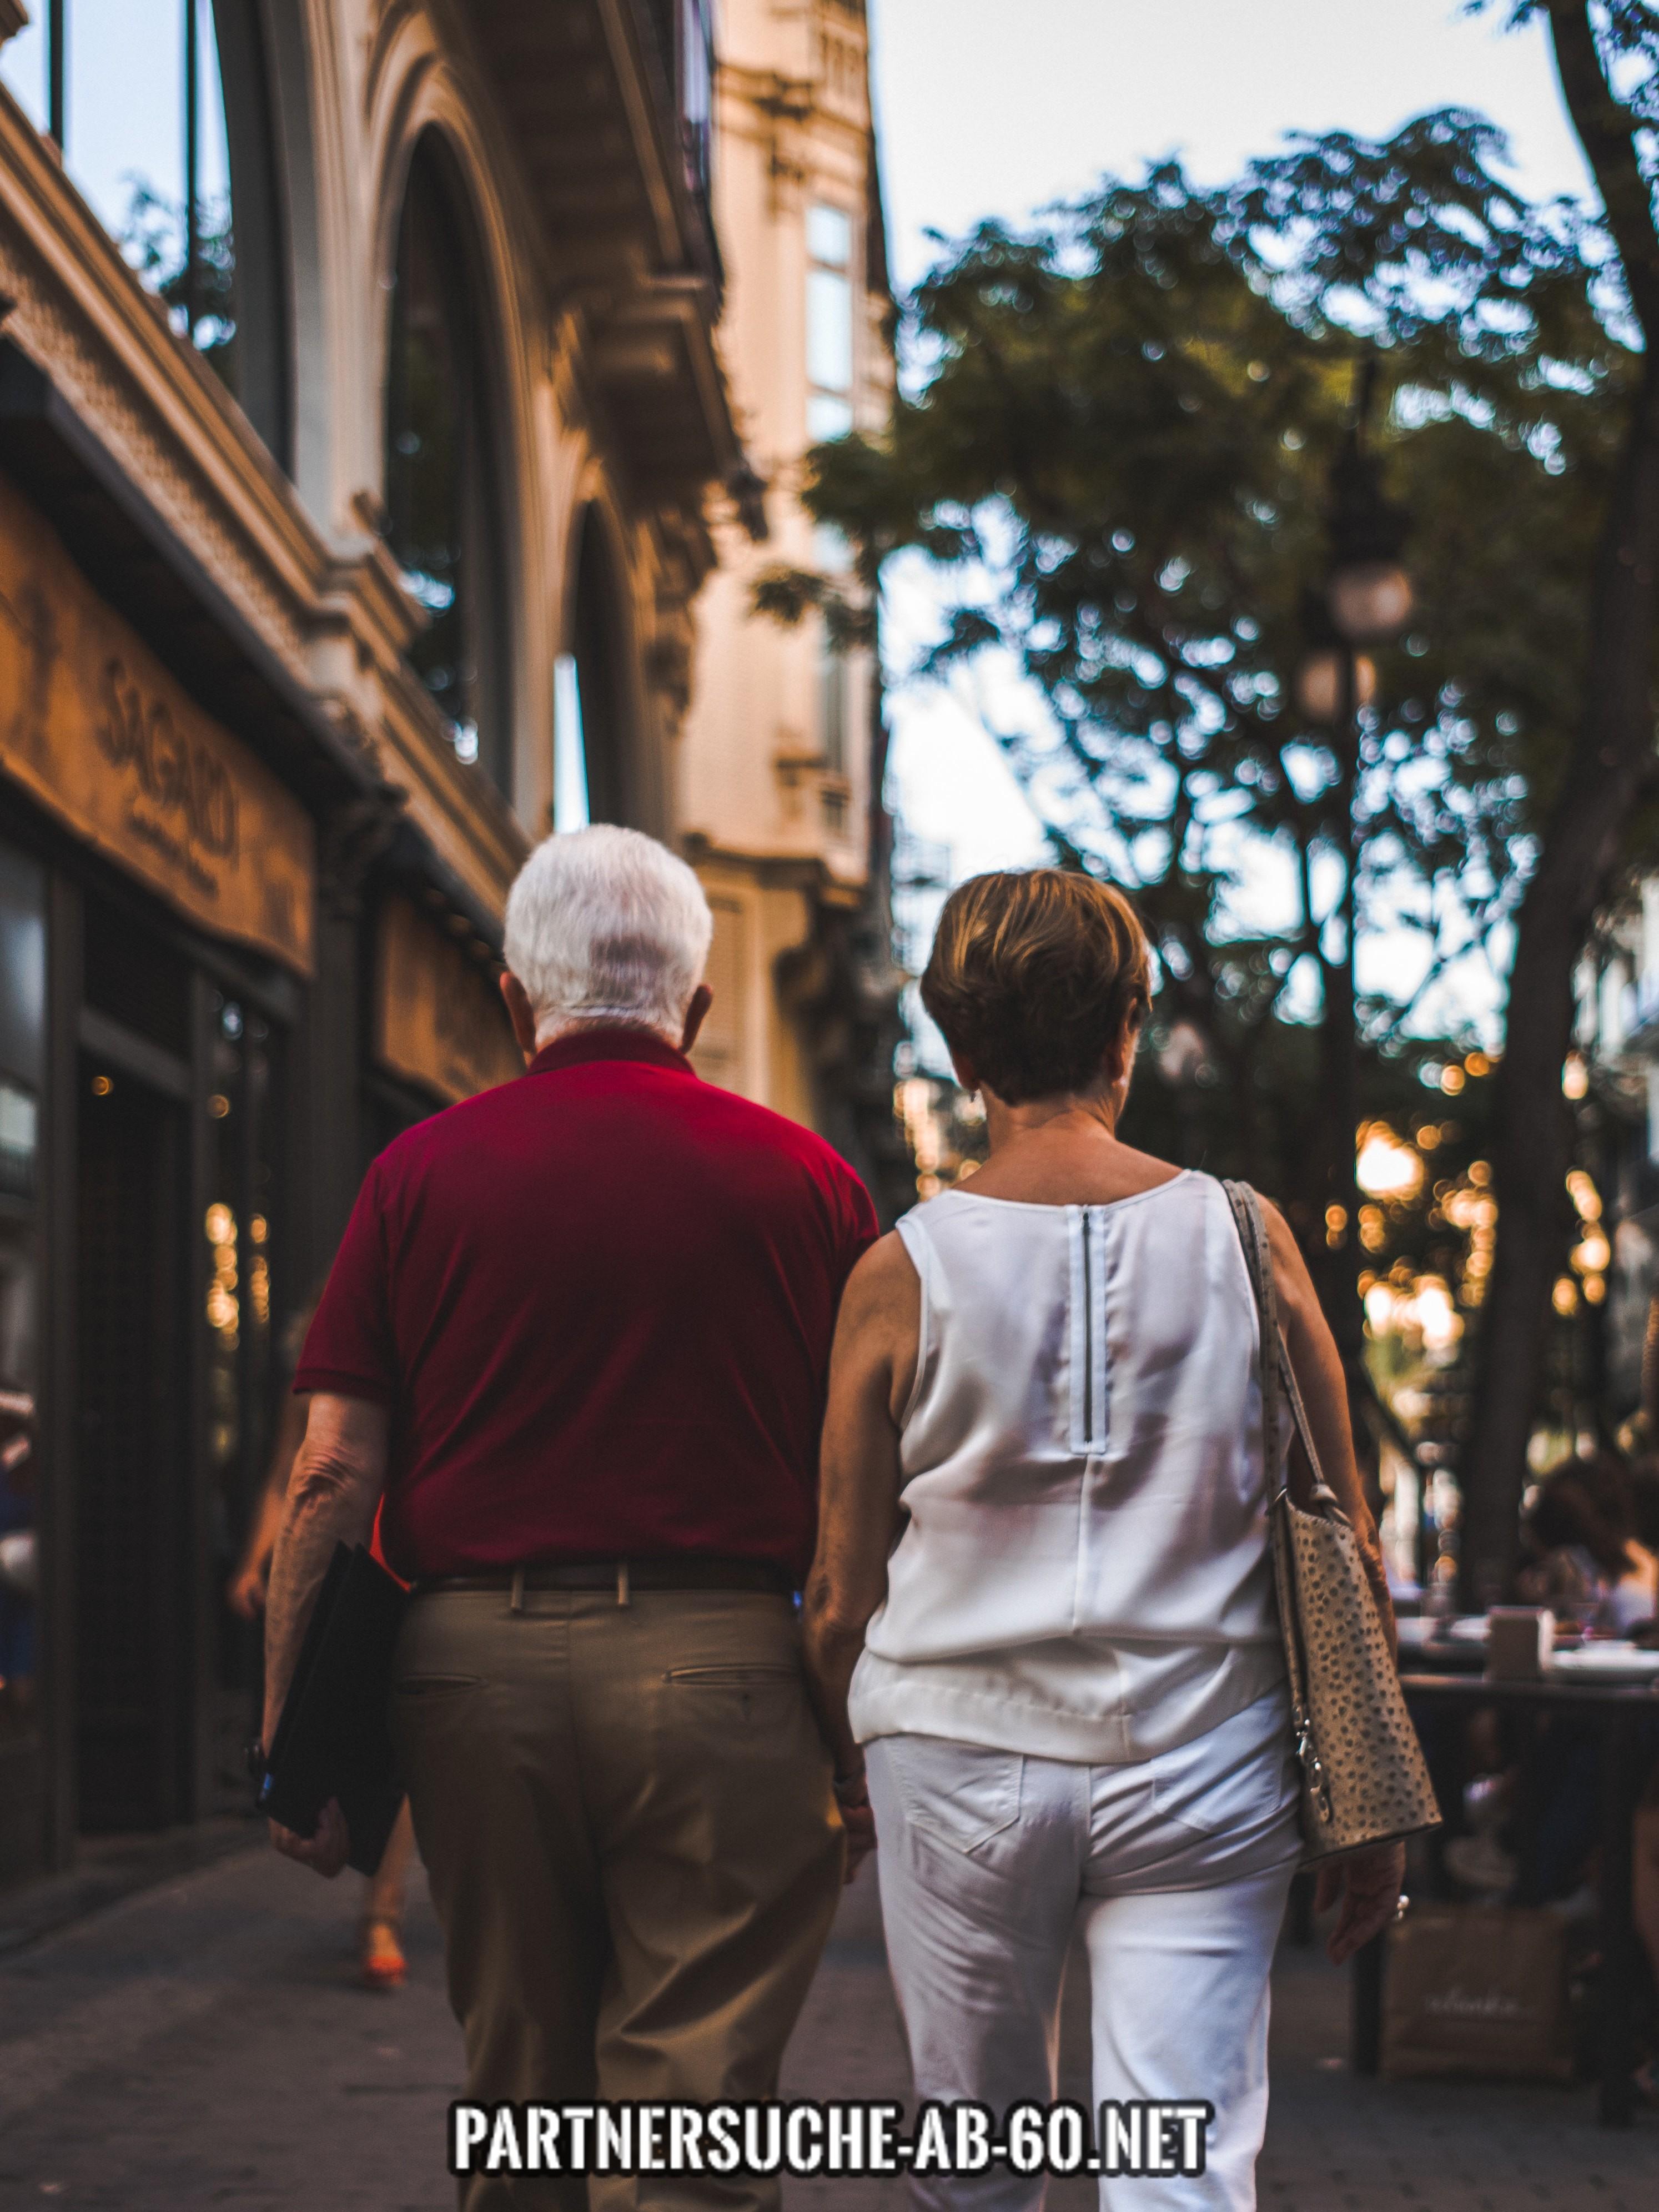 Online partnersuche ab 60